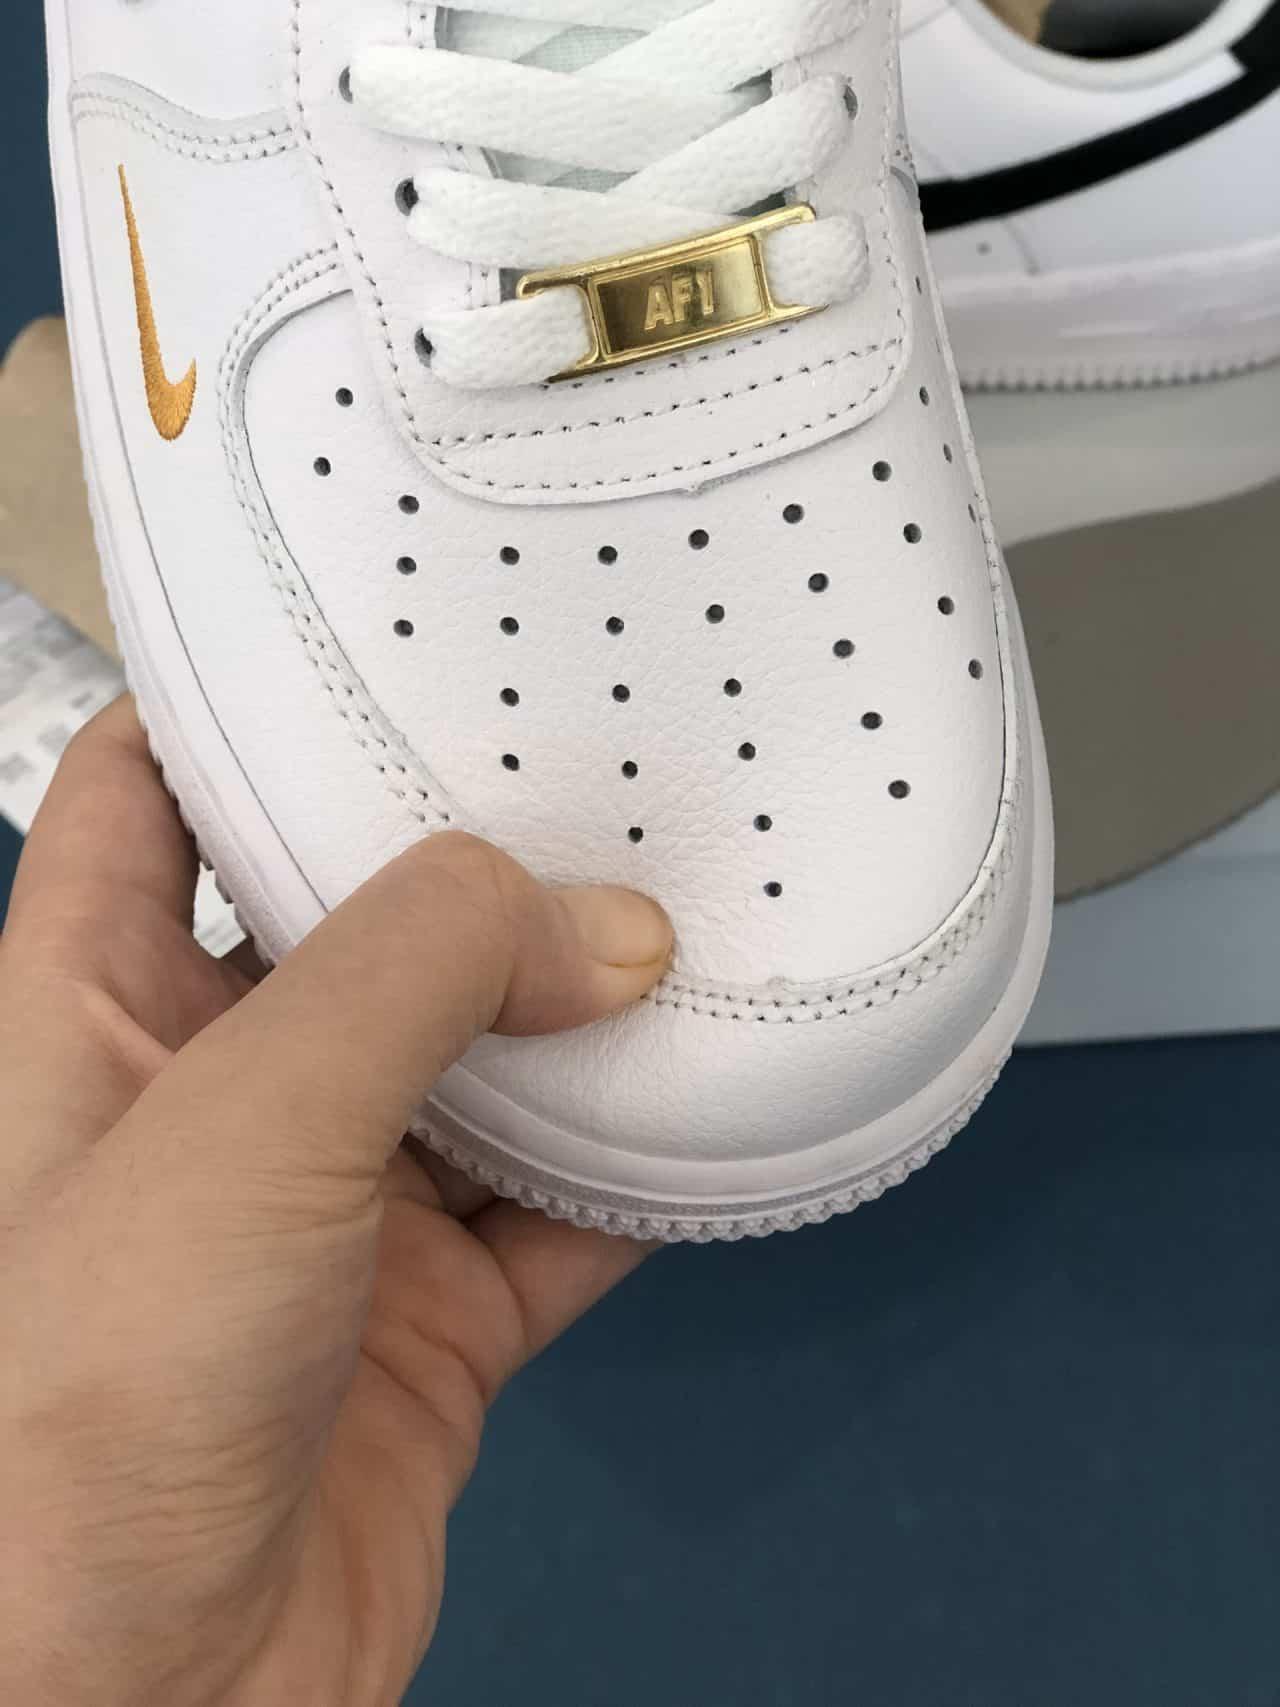 Giày Nike Air Force 1 tick Vàng rep 1:1 có kiểu dáng thiết kế bắt mắt